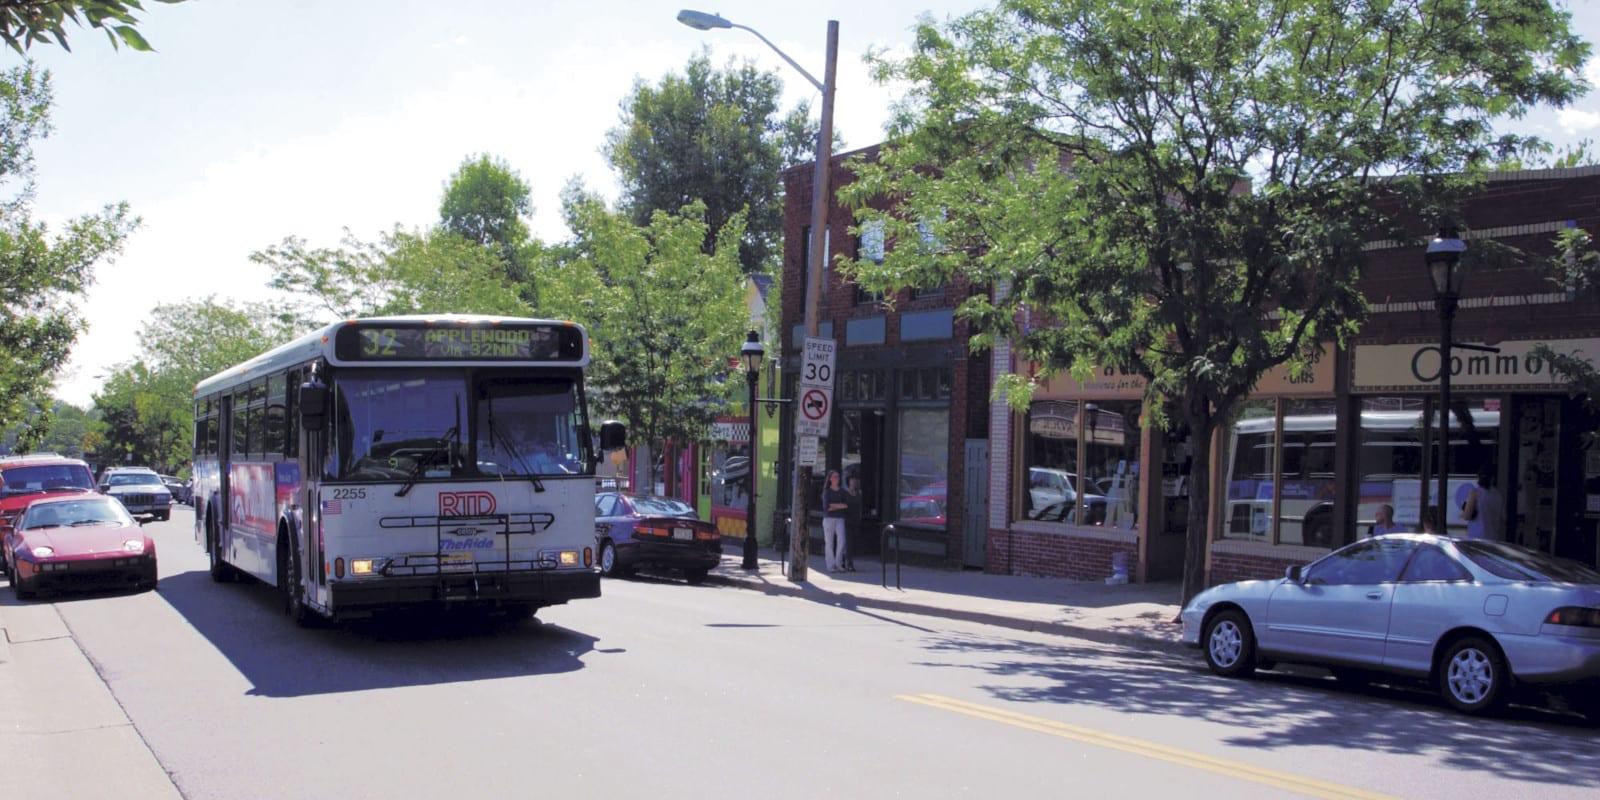 RTD Bus Denver Highlands